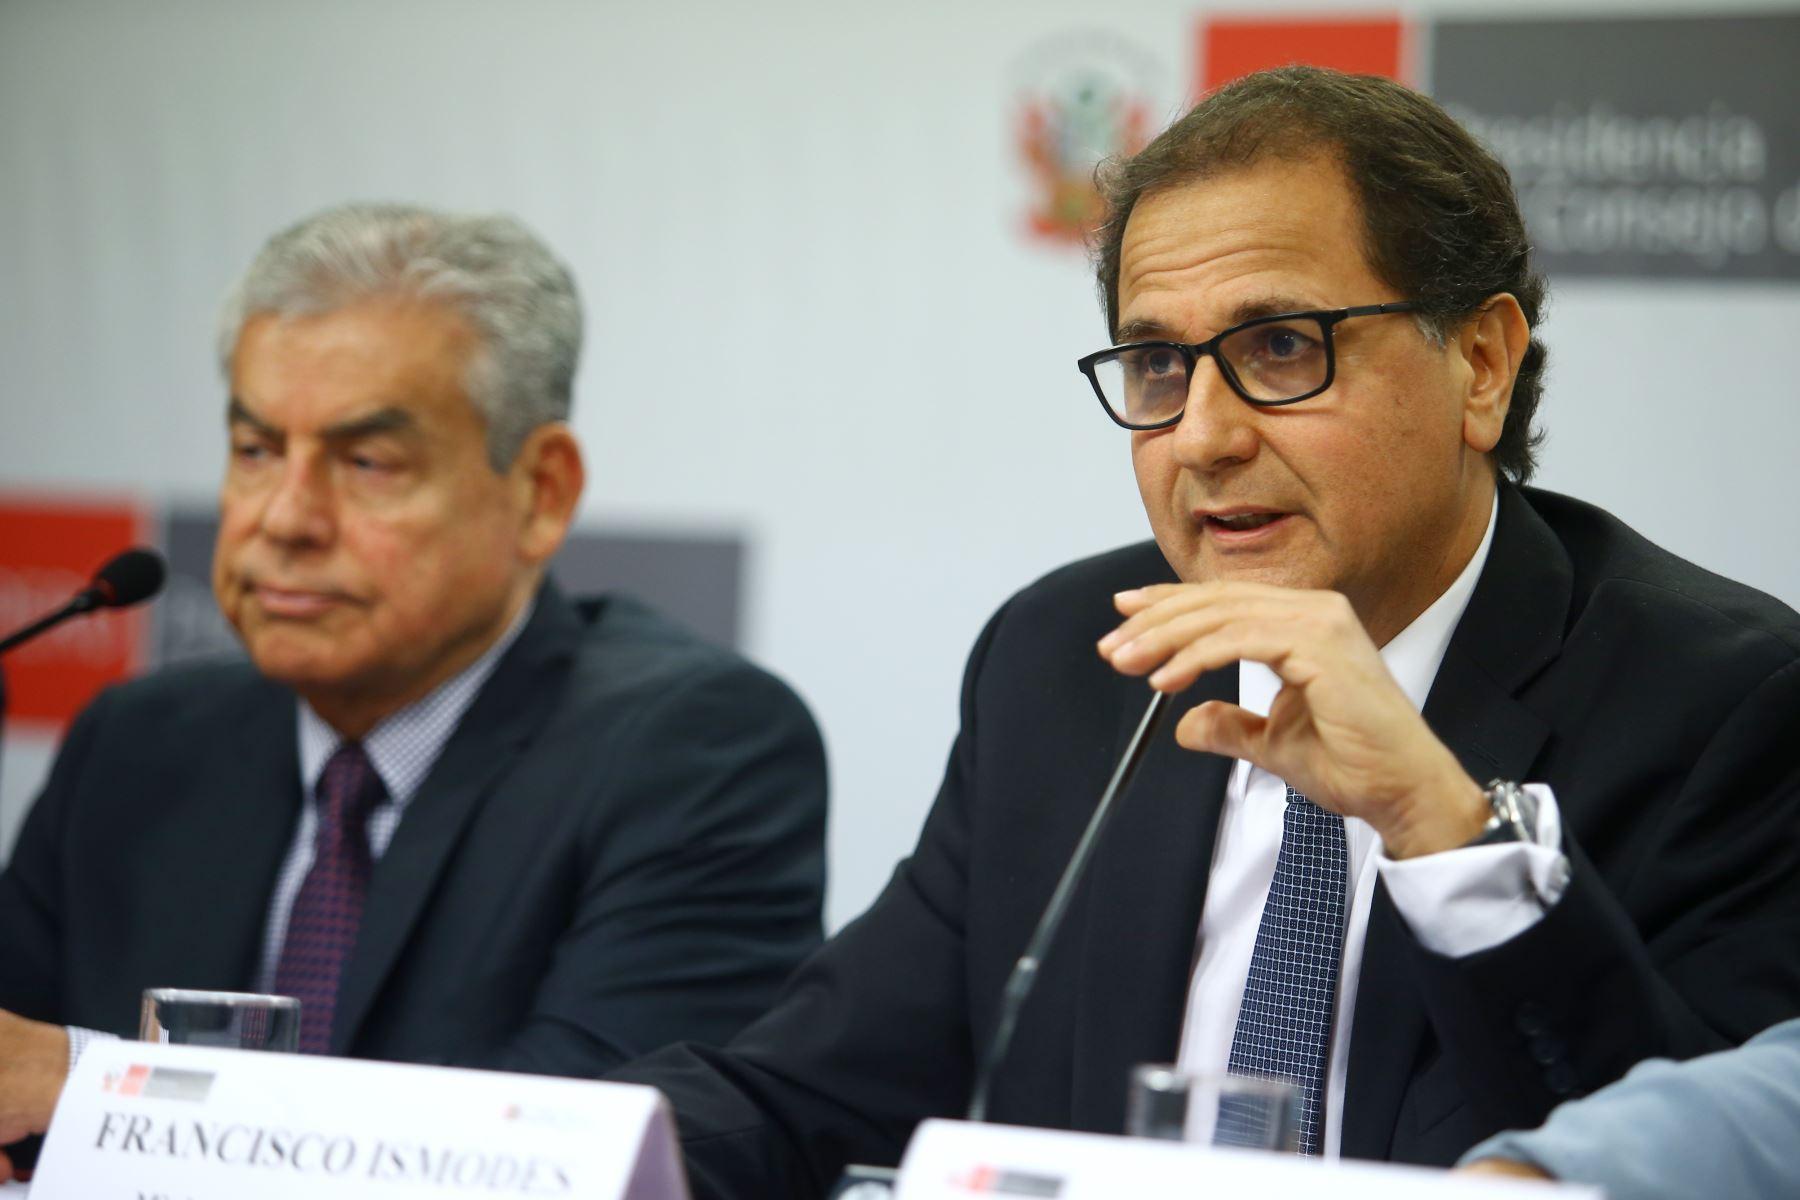 Ministro de Energía y Minas, Francisco Ísmodes, en conferencia de prensa tras reunión del Consejo de Ministros. Foto: ANDINA/Melina Mejía.